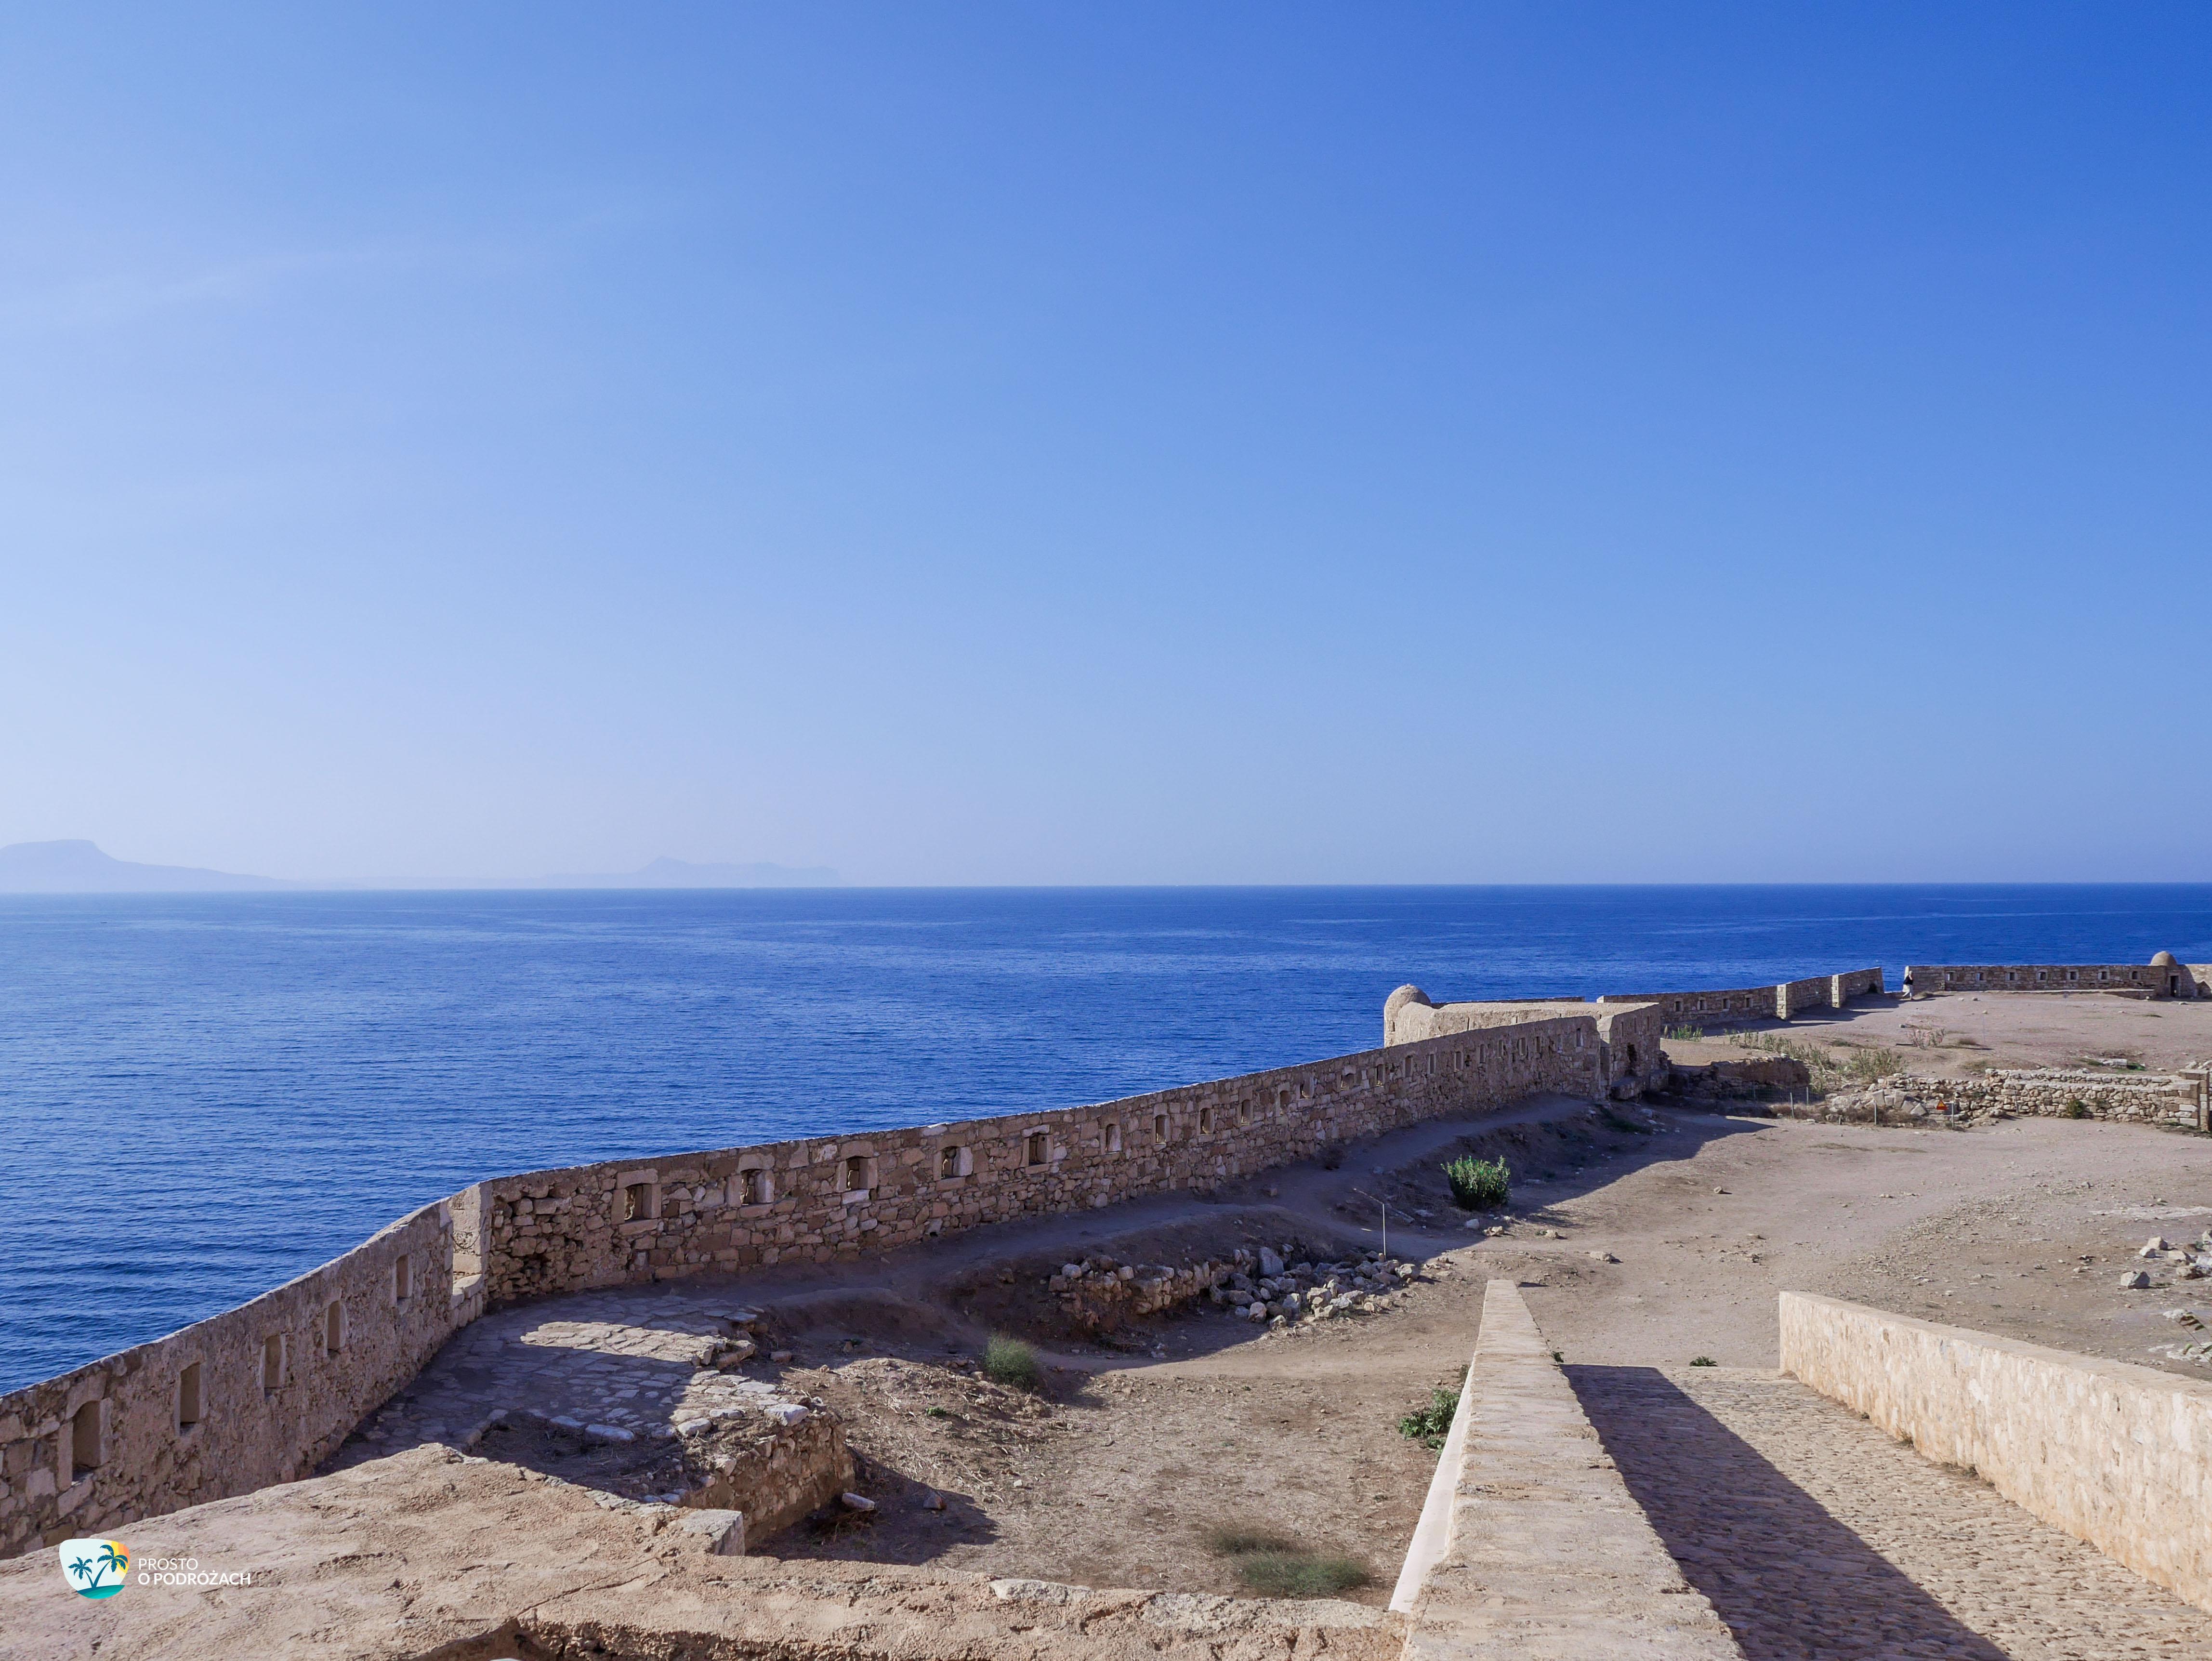 Widok na Morze Egejskie ze szczytu Fortezzy w mieście Rethymnon